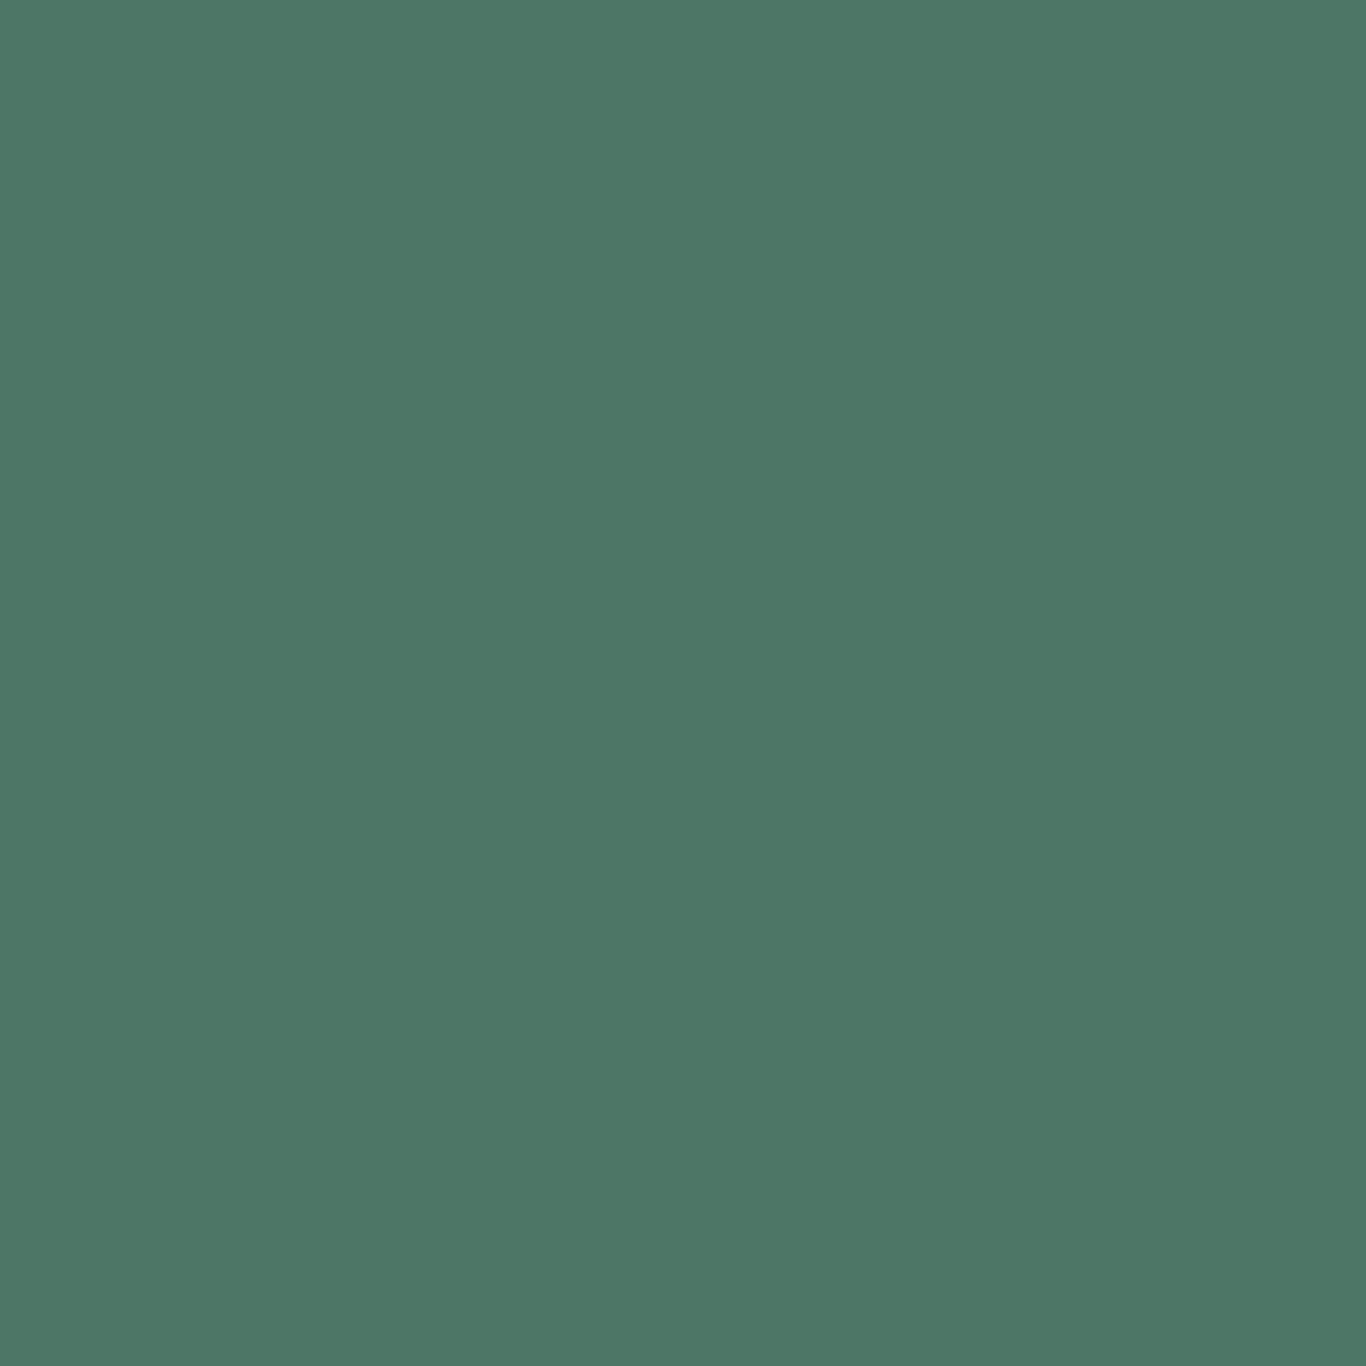 Zoffany Paint Poison